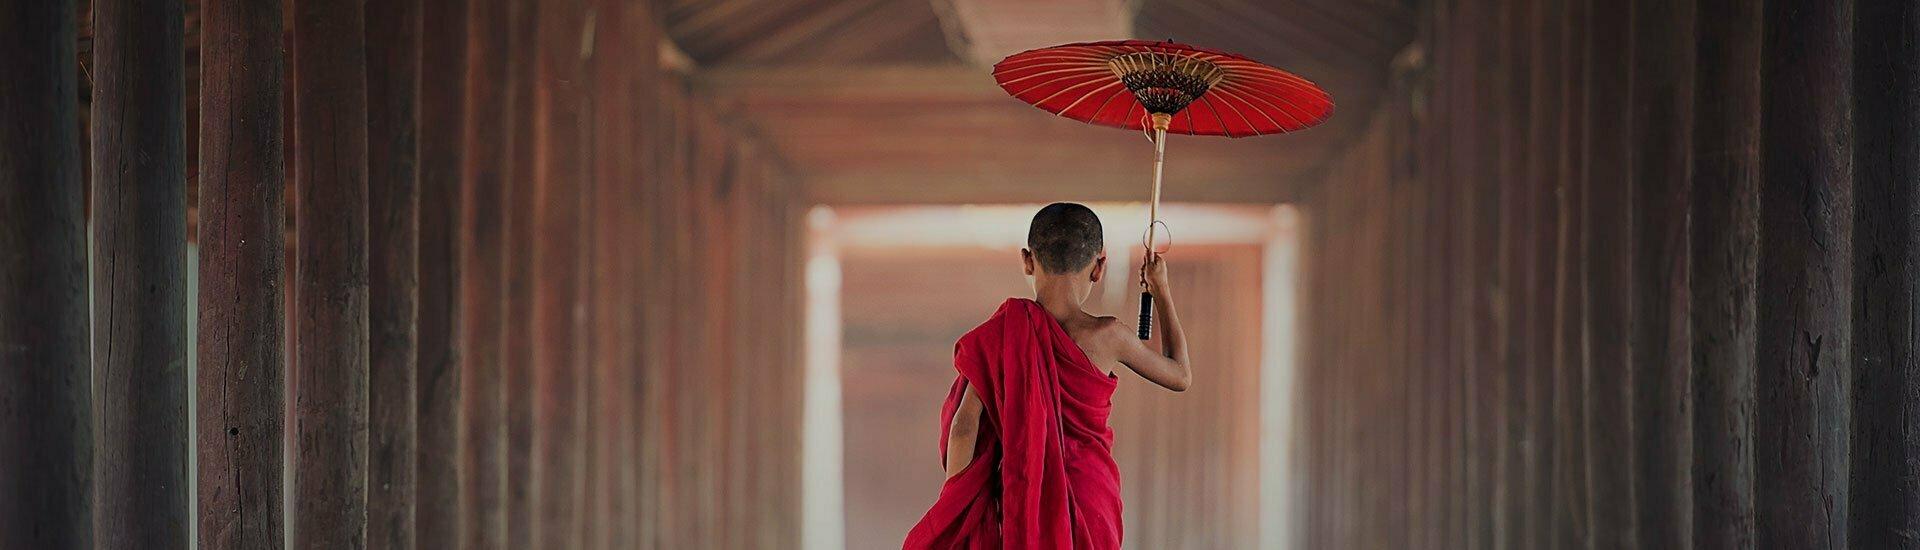 Enfant moine tenant une ombrelle